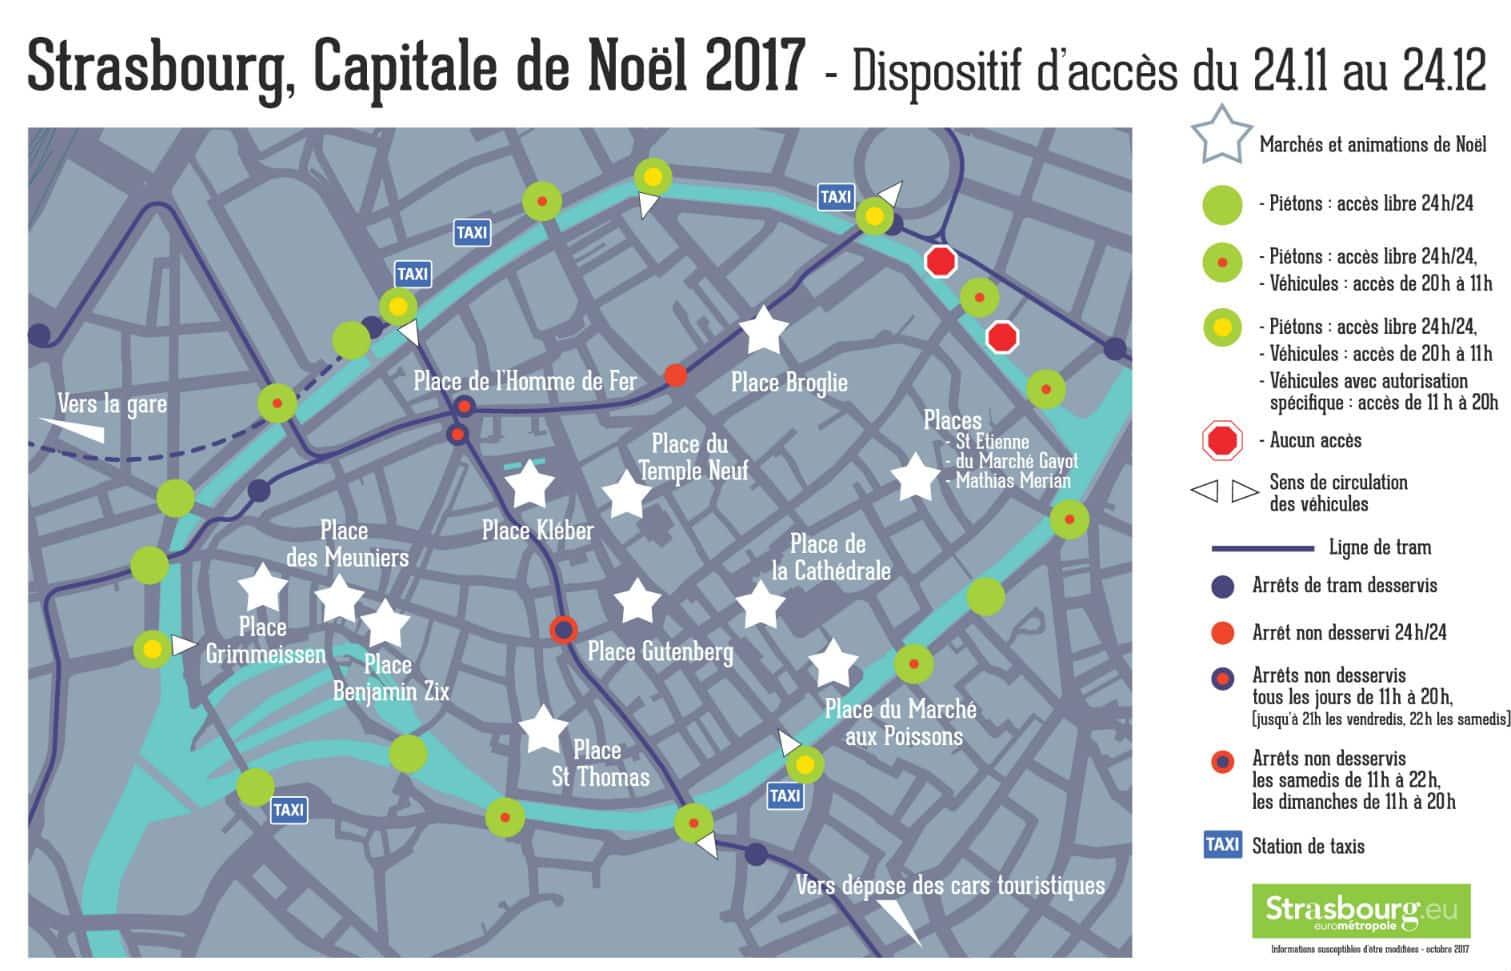 marché de noel strasbourg 2018 maintenu ou pas Marché de Noël 2017 : toutes les infos pratiques et les mesures de  marché de noel strasbourg 2018 maintenu ou pas